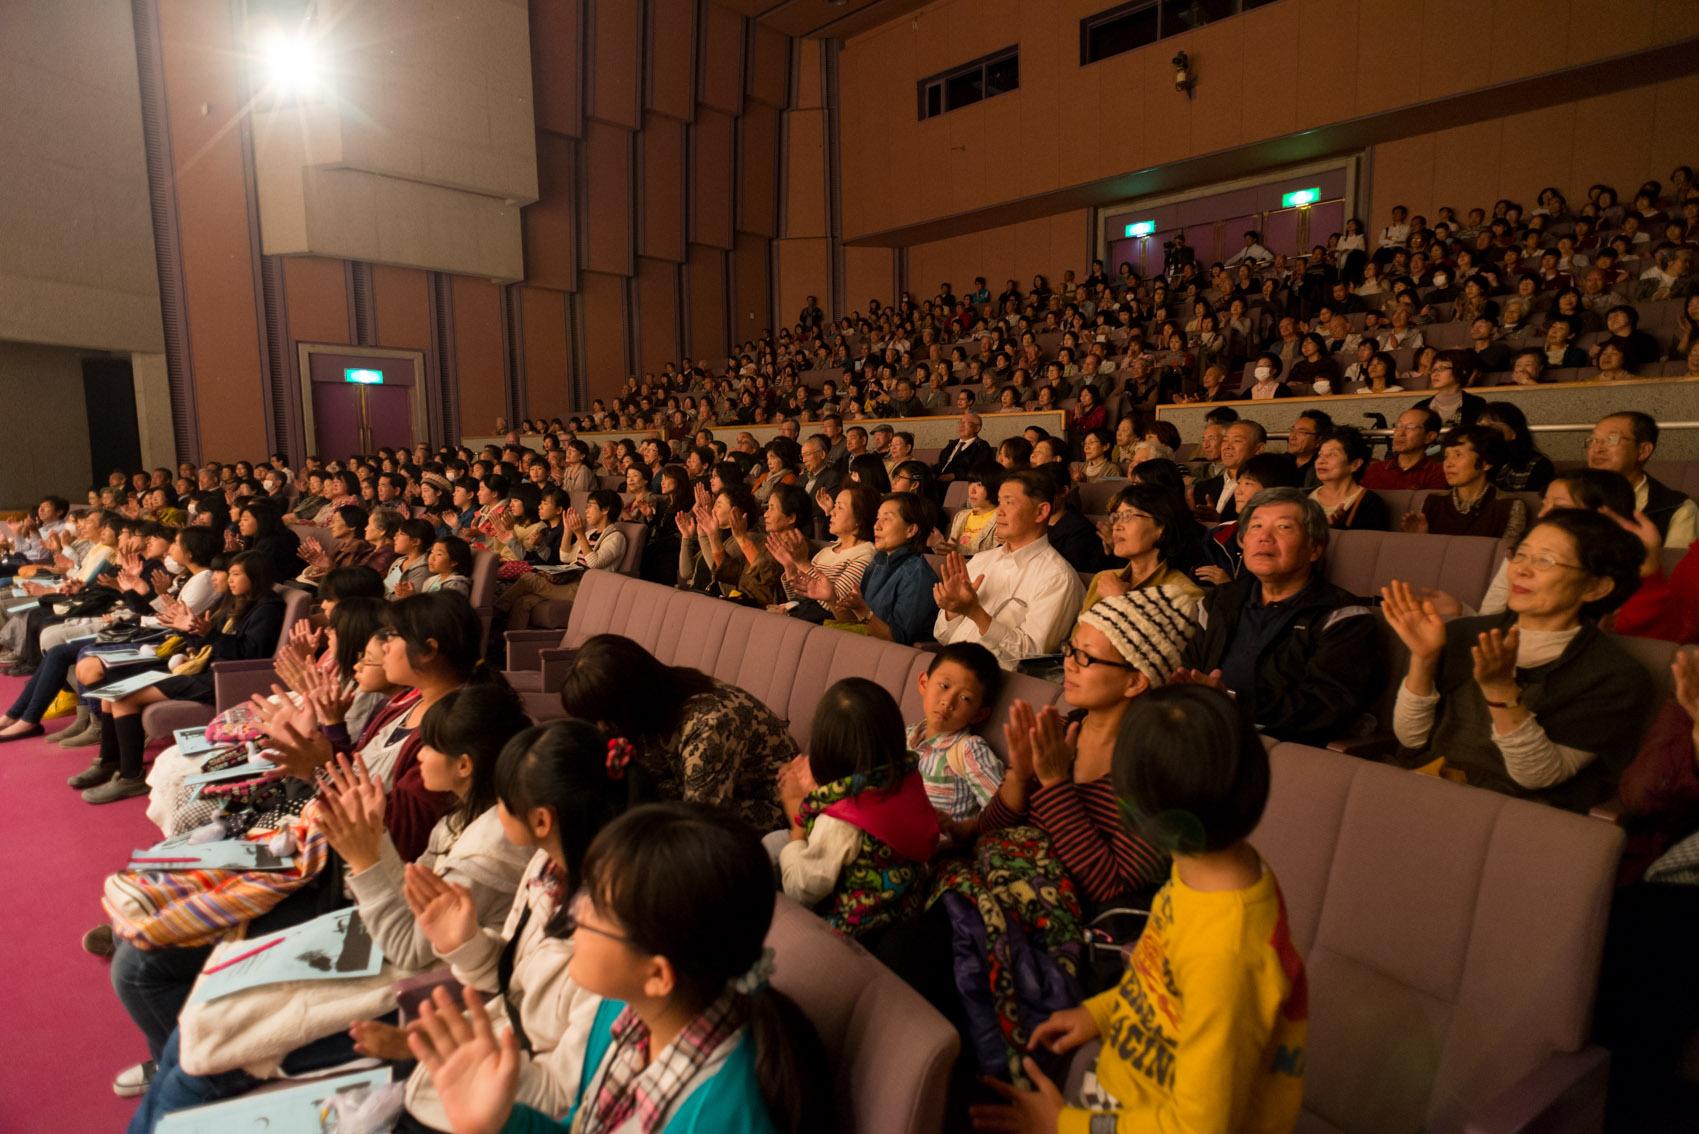 2014-10-23_Concert-Sennan_22